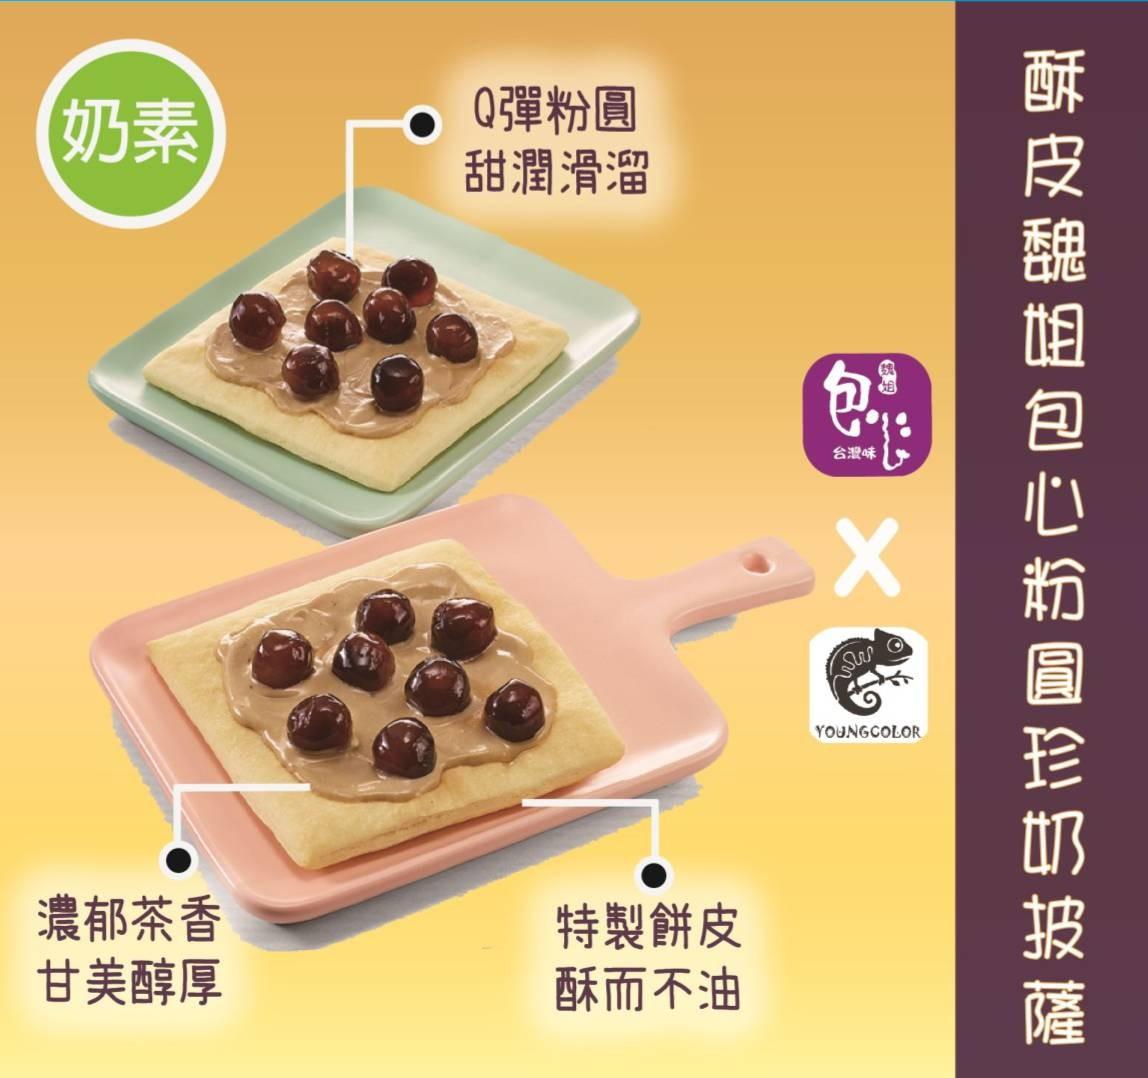 【洋卡龍】酥皮魏姐包心粉圓珍奶披薩 12入